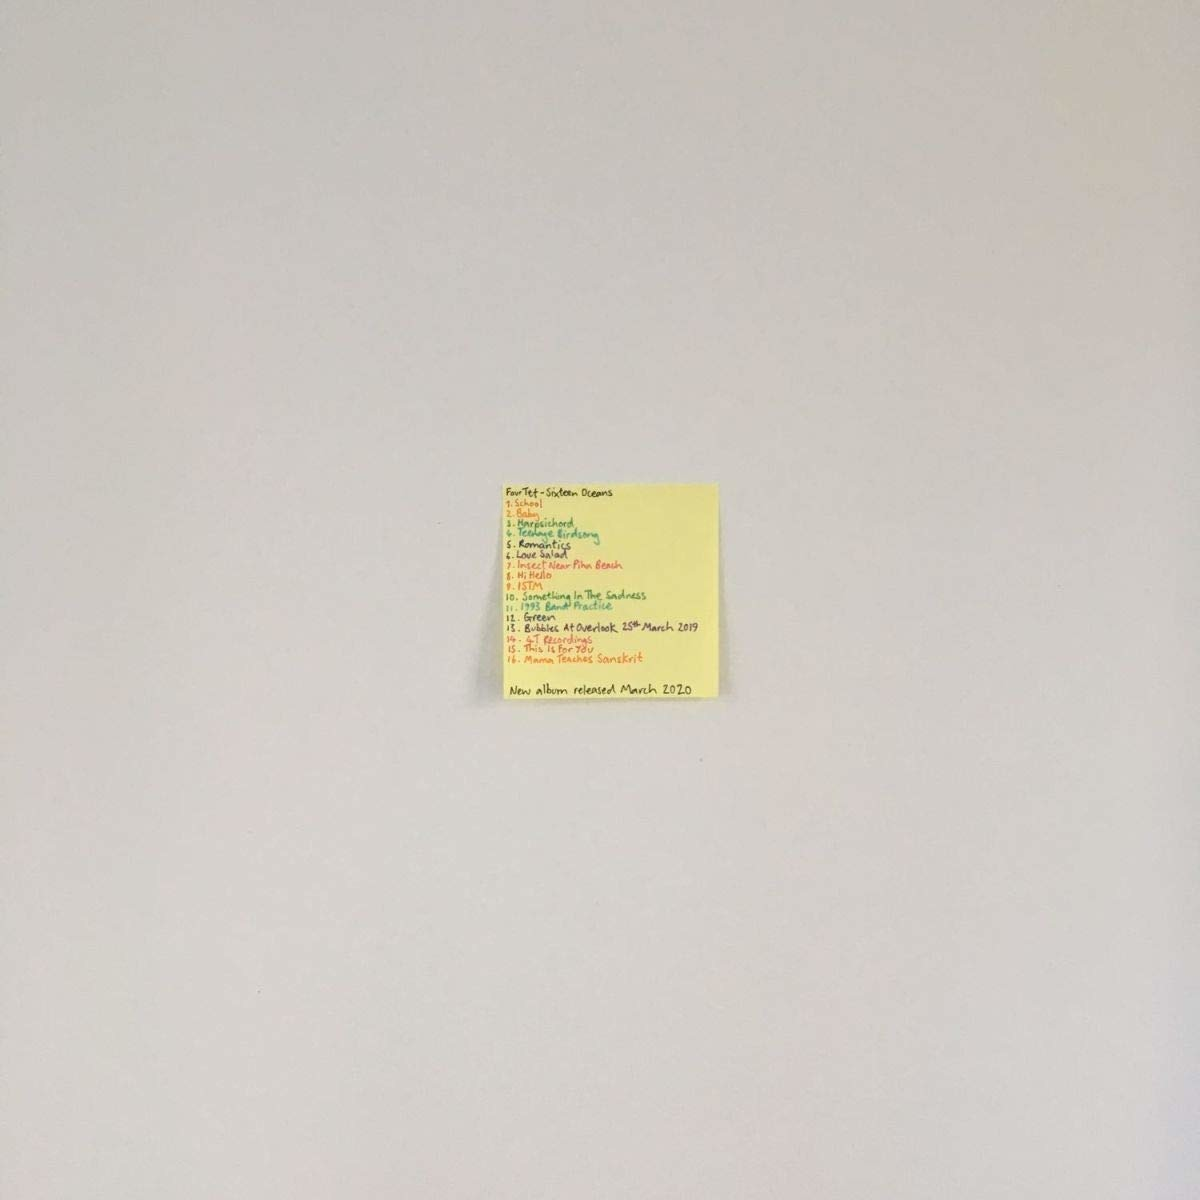 Sixteen Oceans - Four Tet - Musik - TEXT - 5051142007186 - Mar 20, 2020